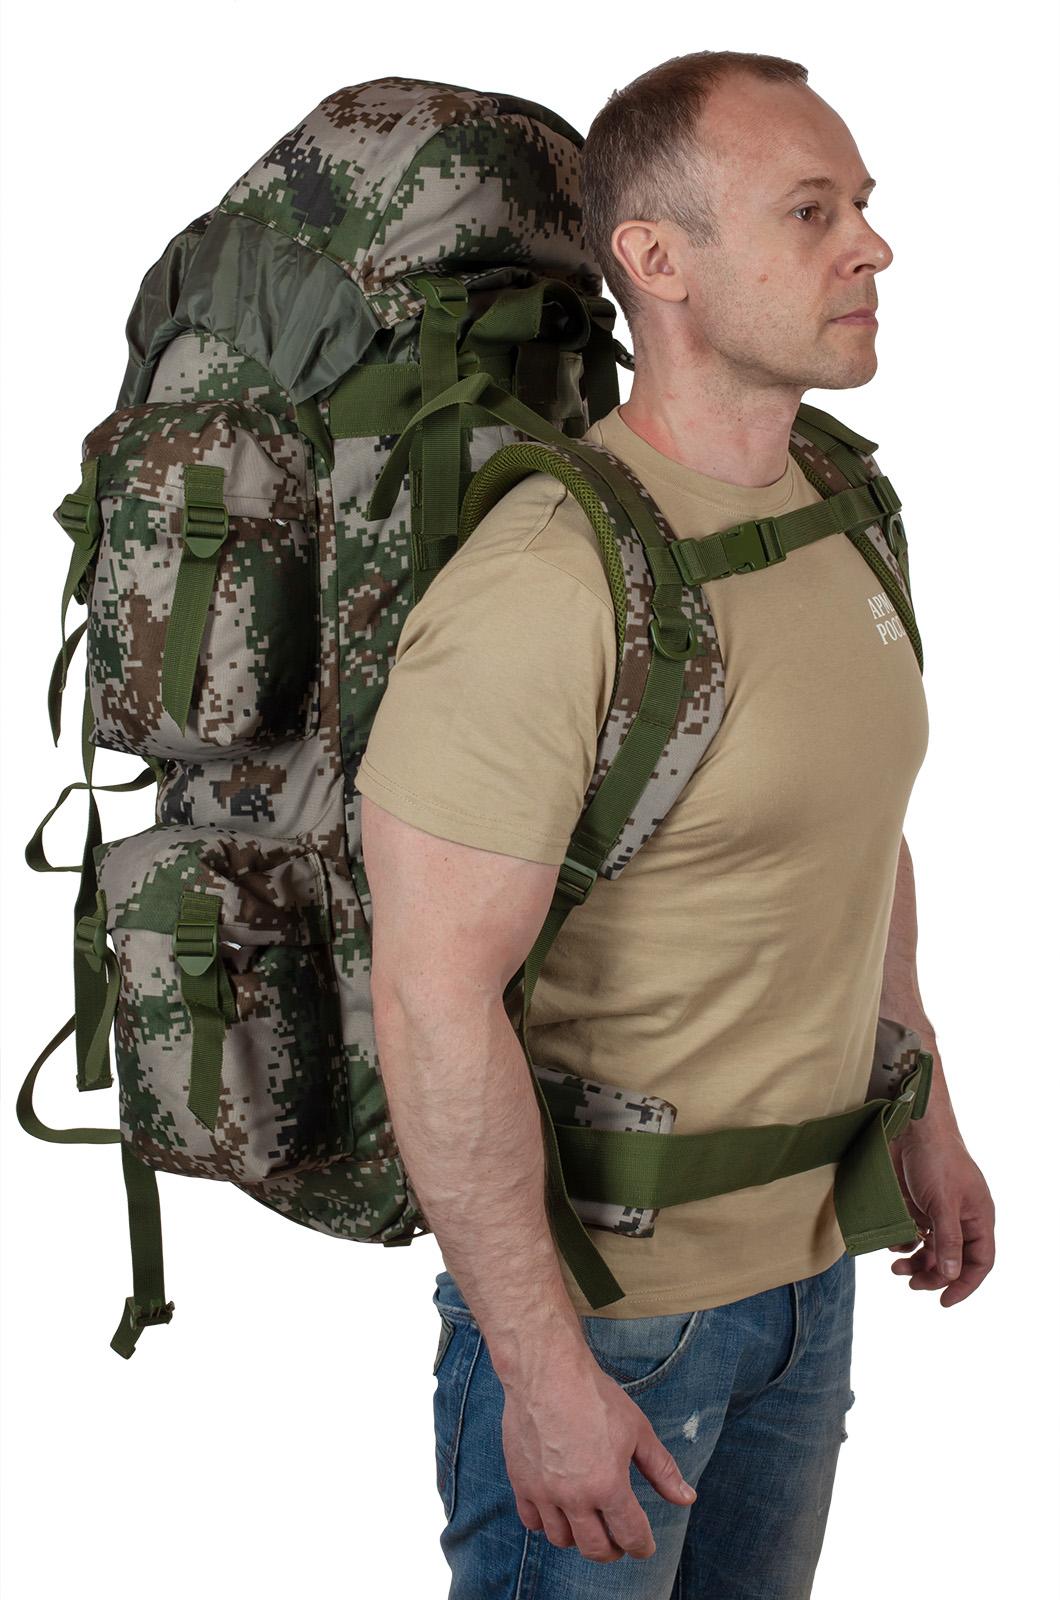 Походный вместительный ранец-рюкзак с нашивкой Рыболовный Спецназ - купить онлайн